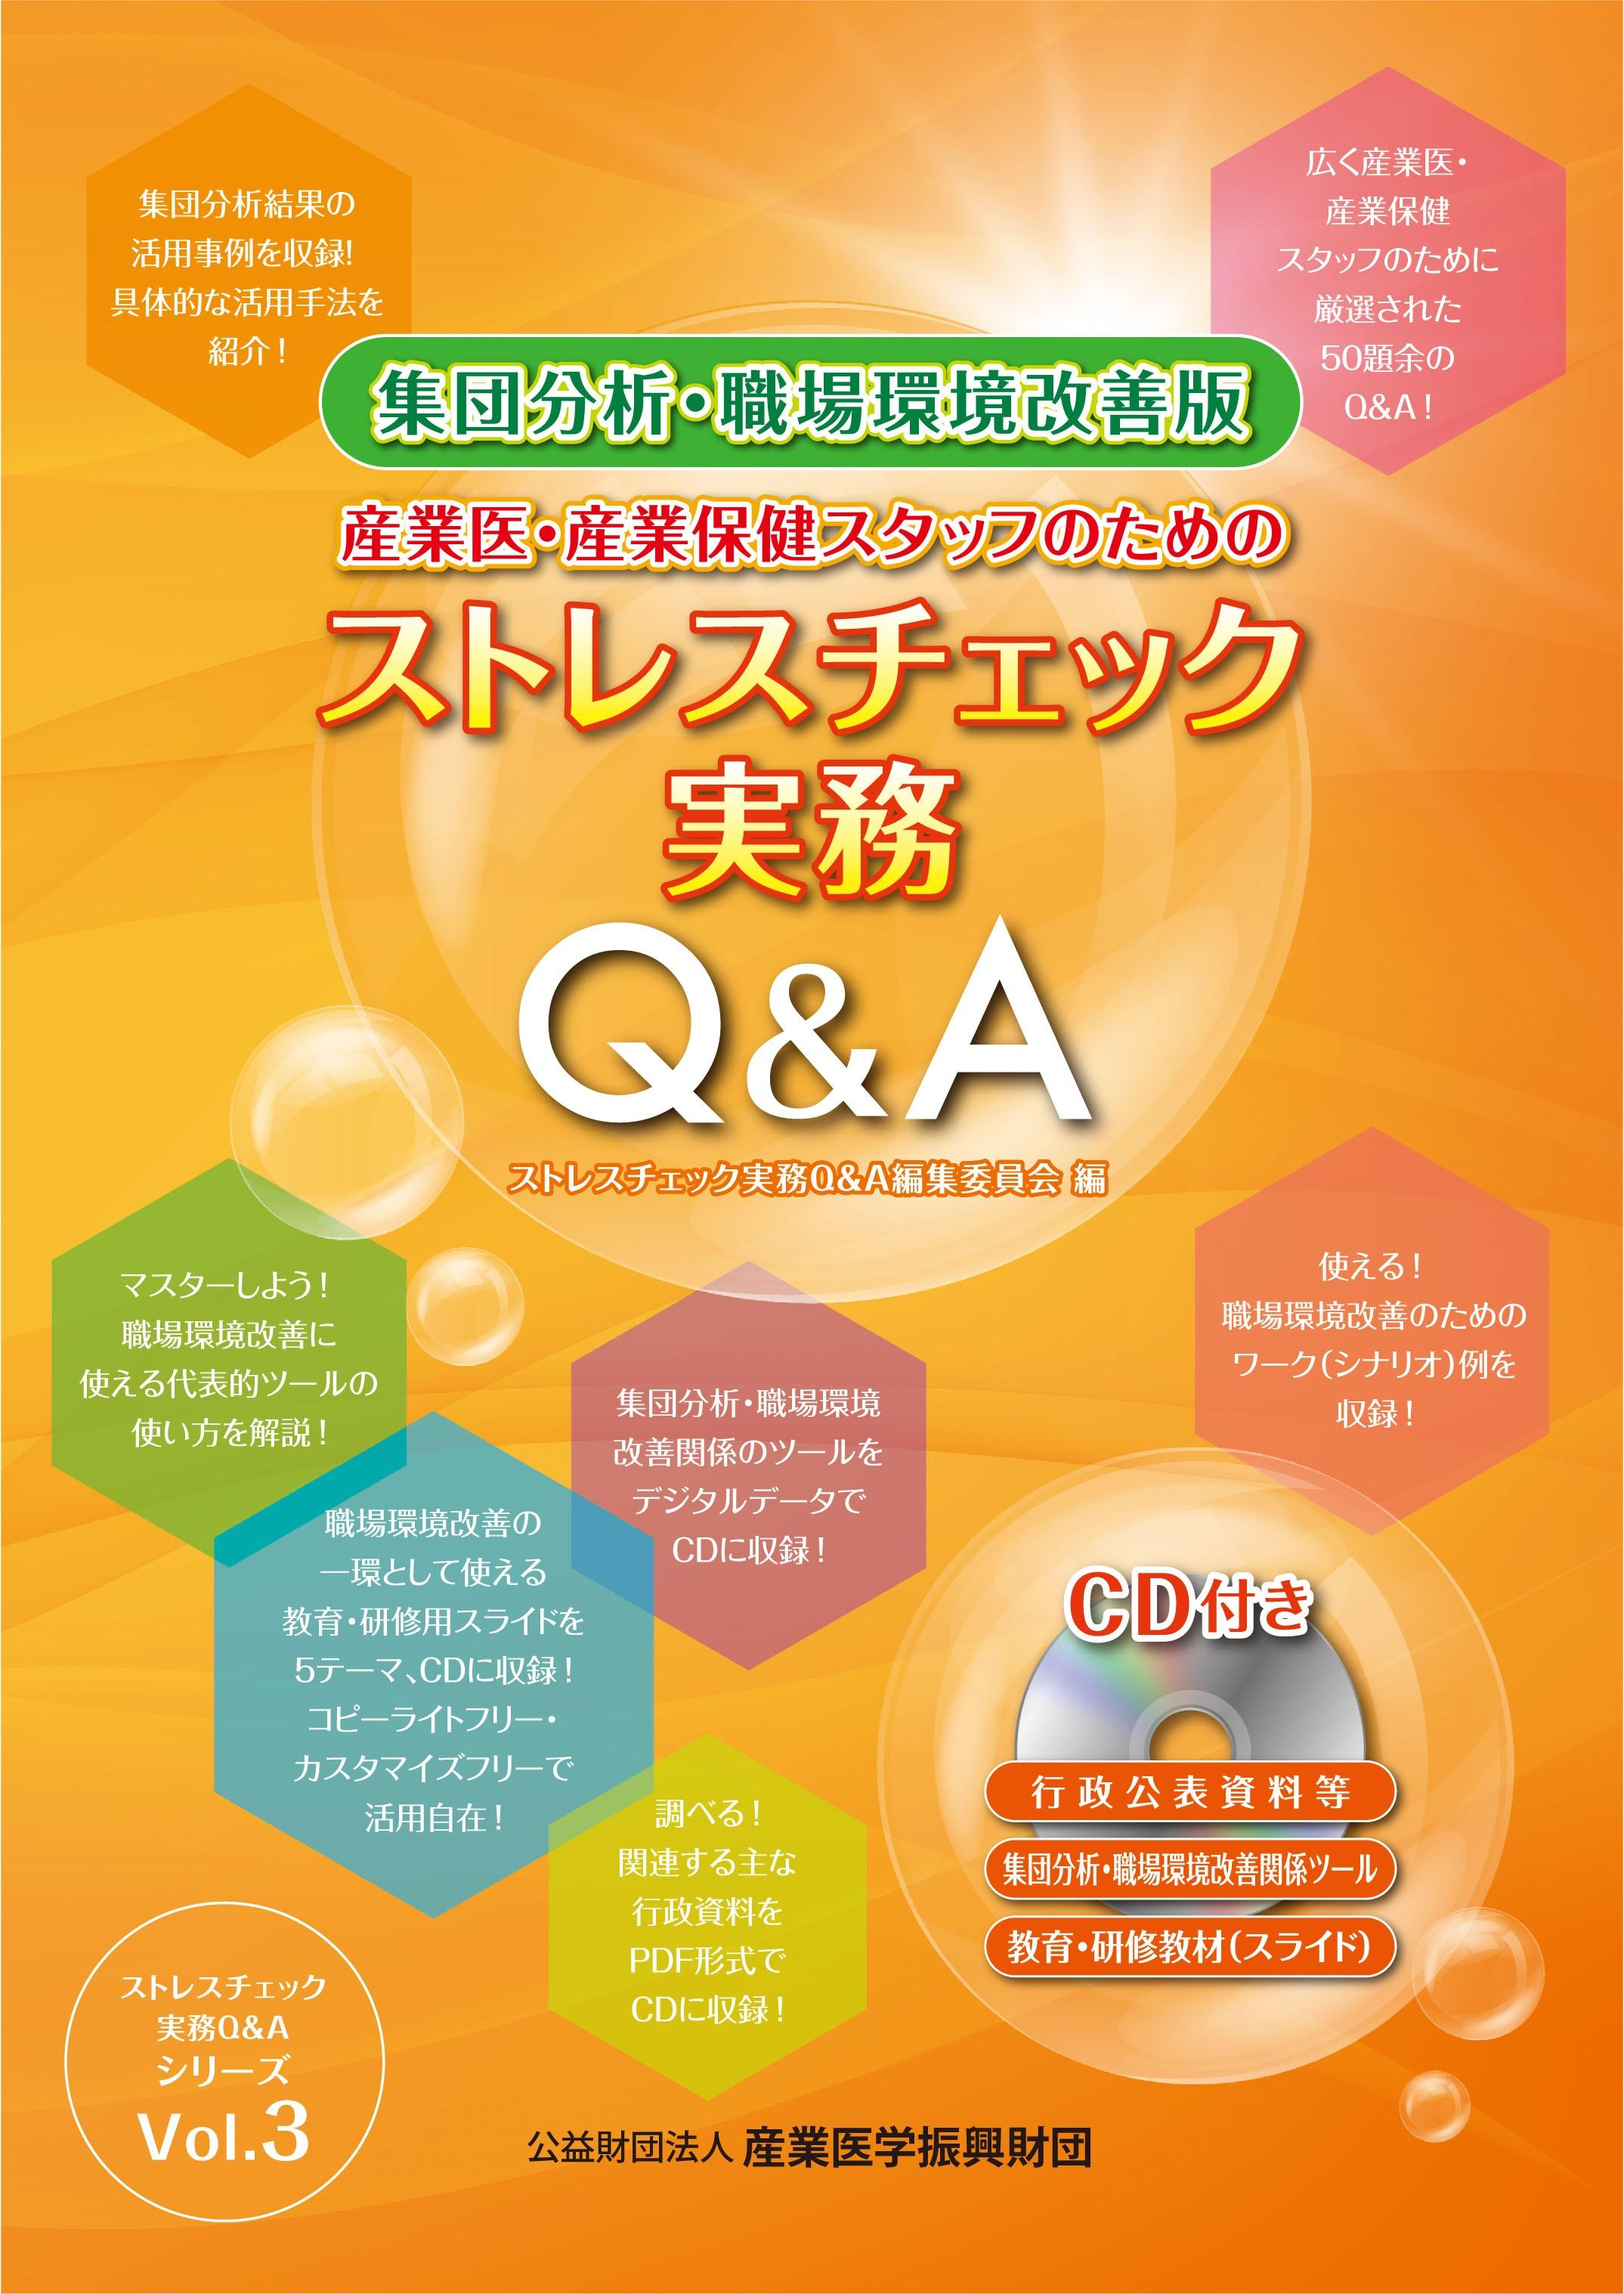 【書籍プレゼント】『集団分析・職場環境改善版 産業医・産業保健スタッフのための ストレスチェック実務Q&A』を5名様にプレゼント